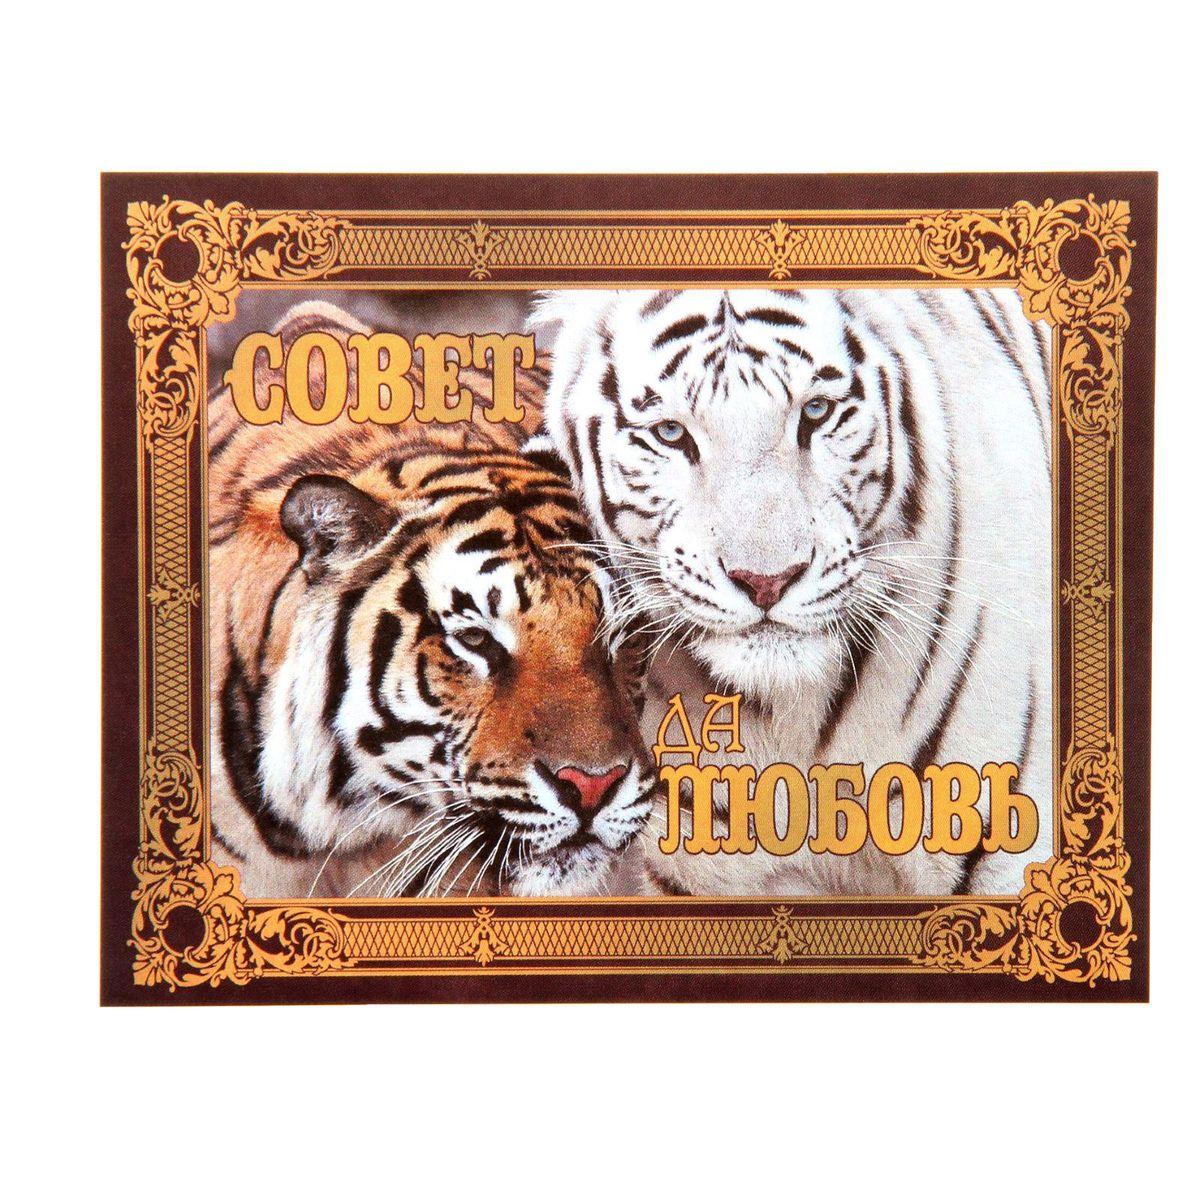 Наклейка на бутылку Sima-land Совет да любовь! Тигры, 9,4 х 11,7 смNLED-454-9W-BKНаклейка Sima-land Совет да любовь! Тигры, выполненная из бумаги, станет отличным аксессуаром, который преобразит обычную бутылку в праздничную и придаст вам особое настроение.